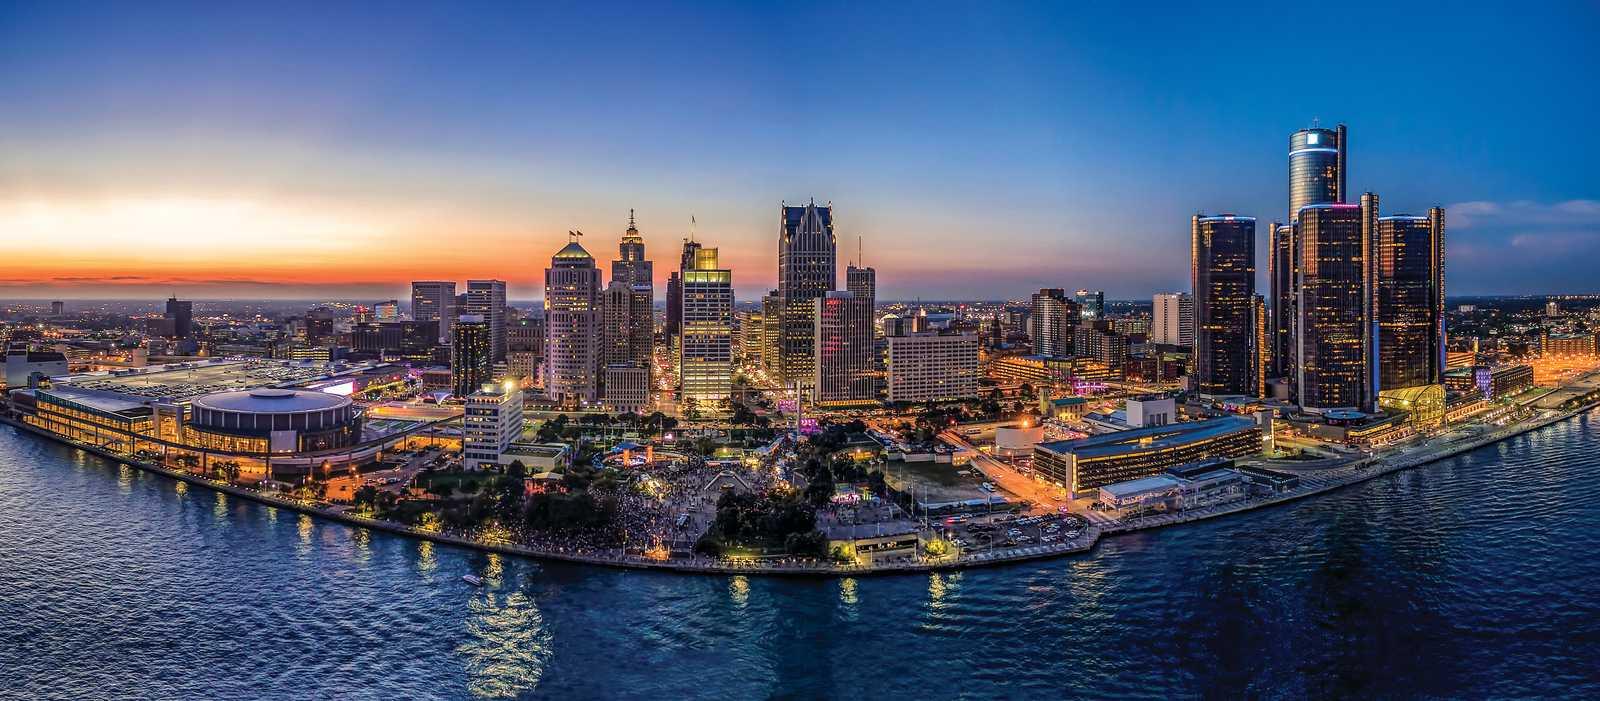 Die Skyline von Detroit in der Dämmerung